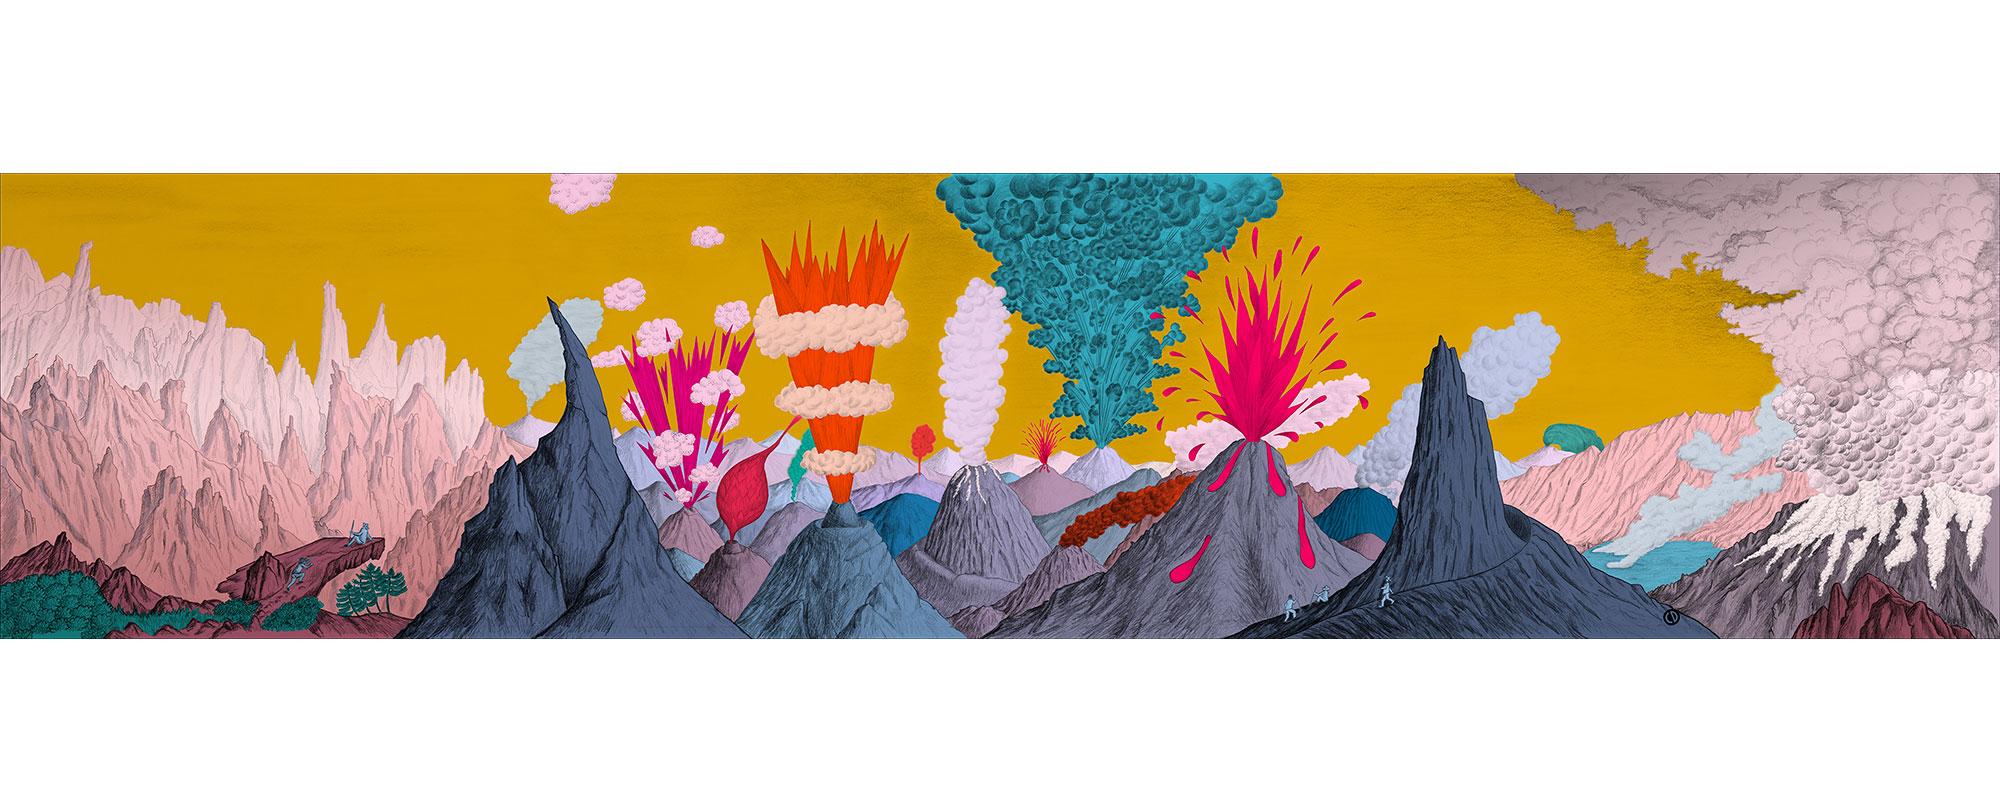 Dessin Paysage volcanique ciel jaune de Céline Dominiak